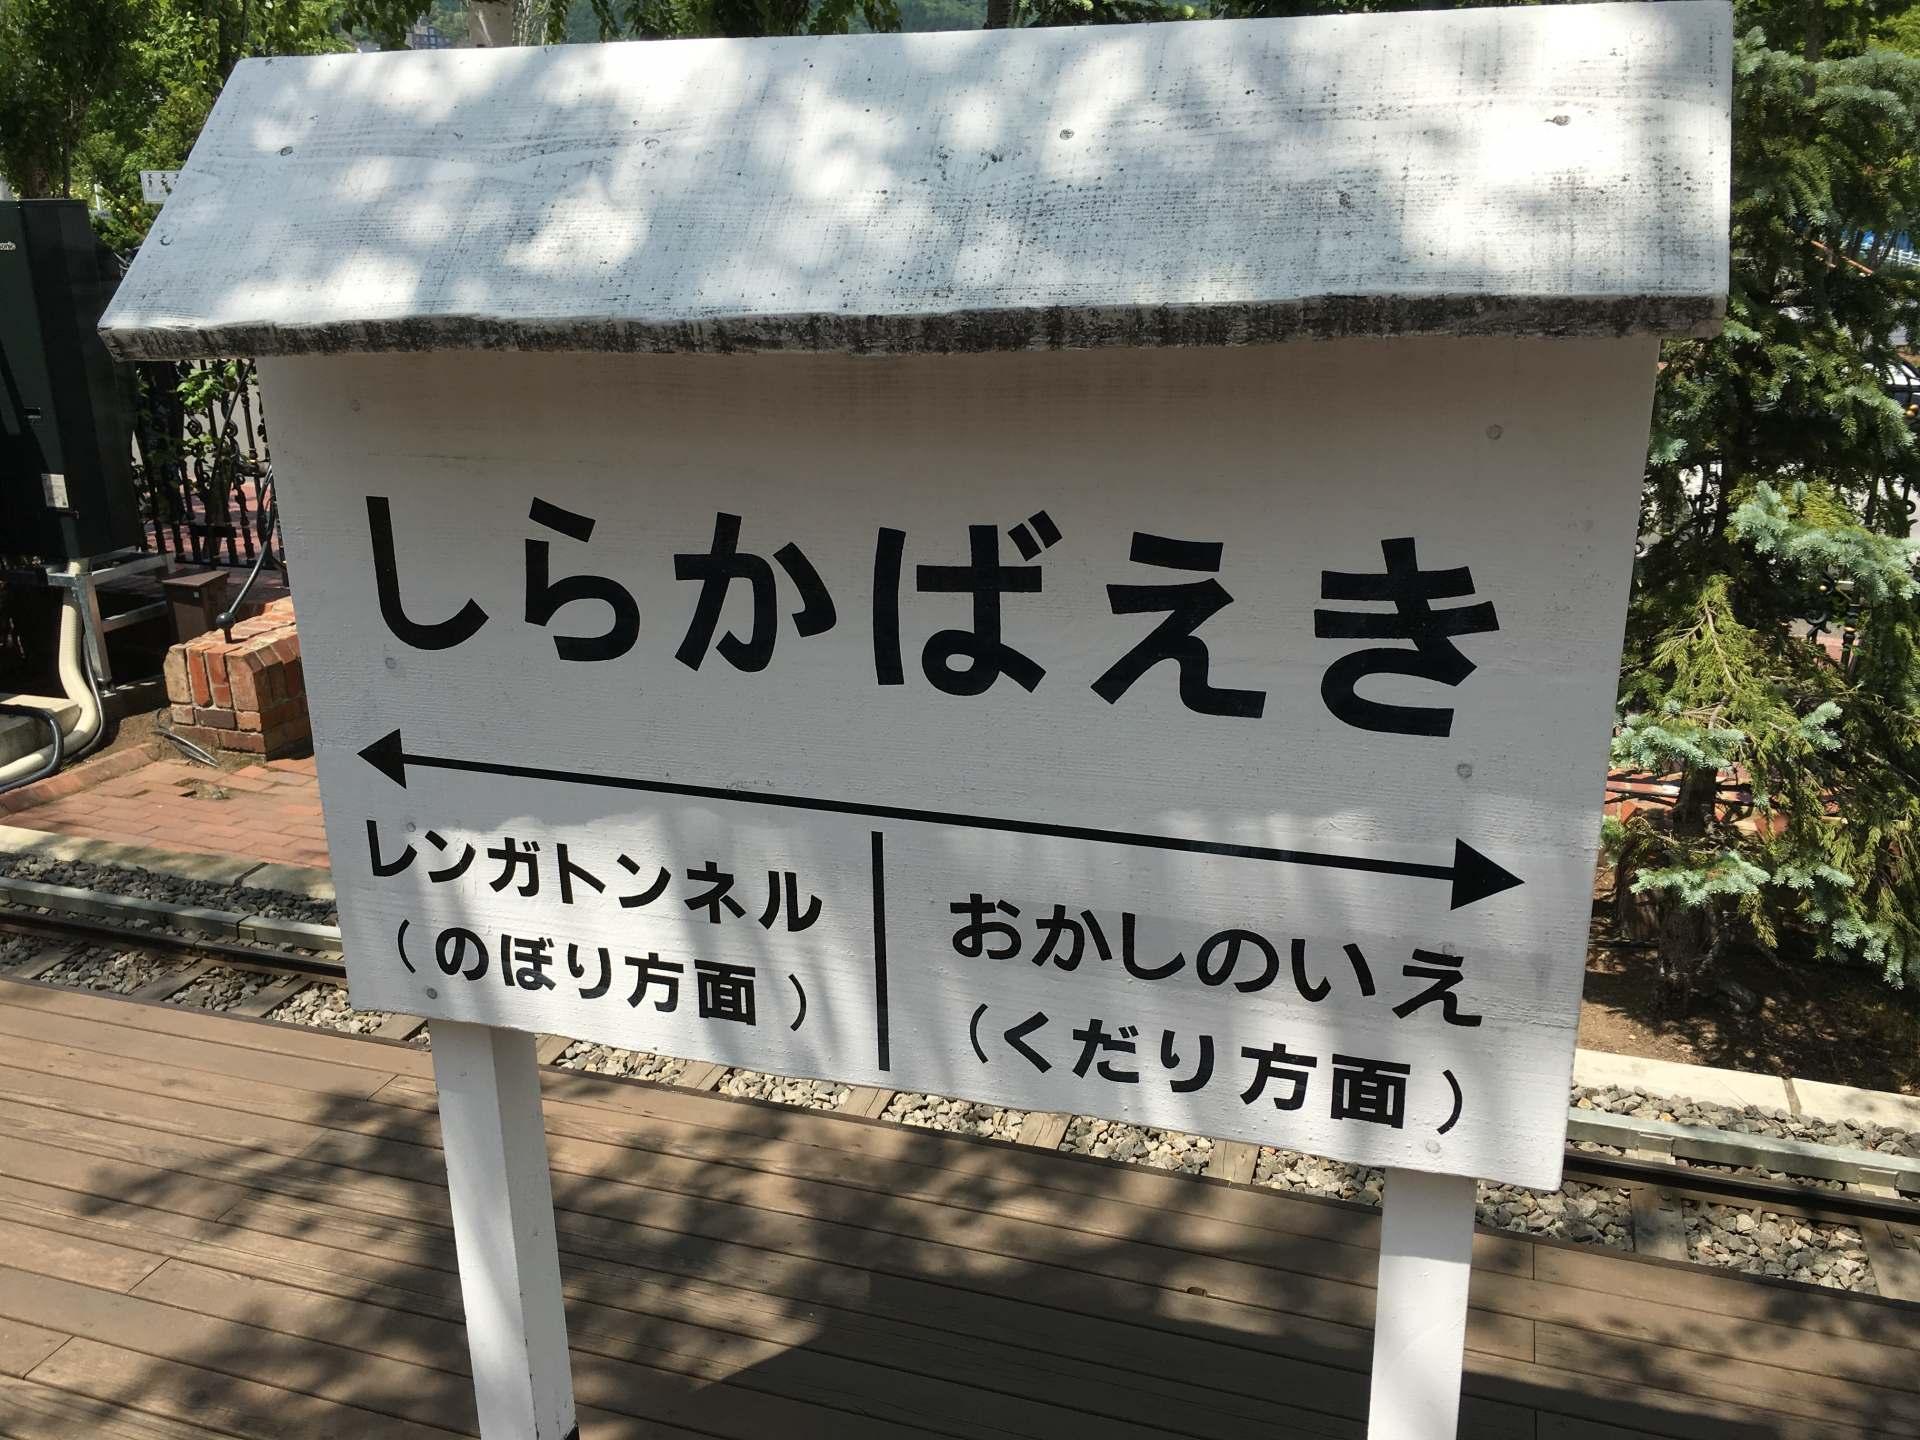 车站的招牌